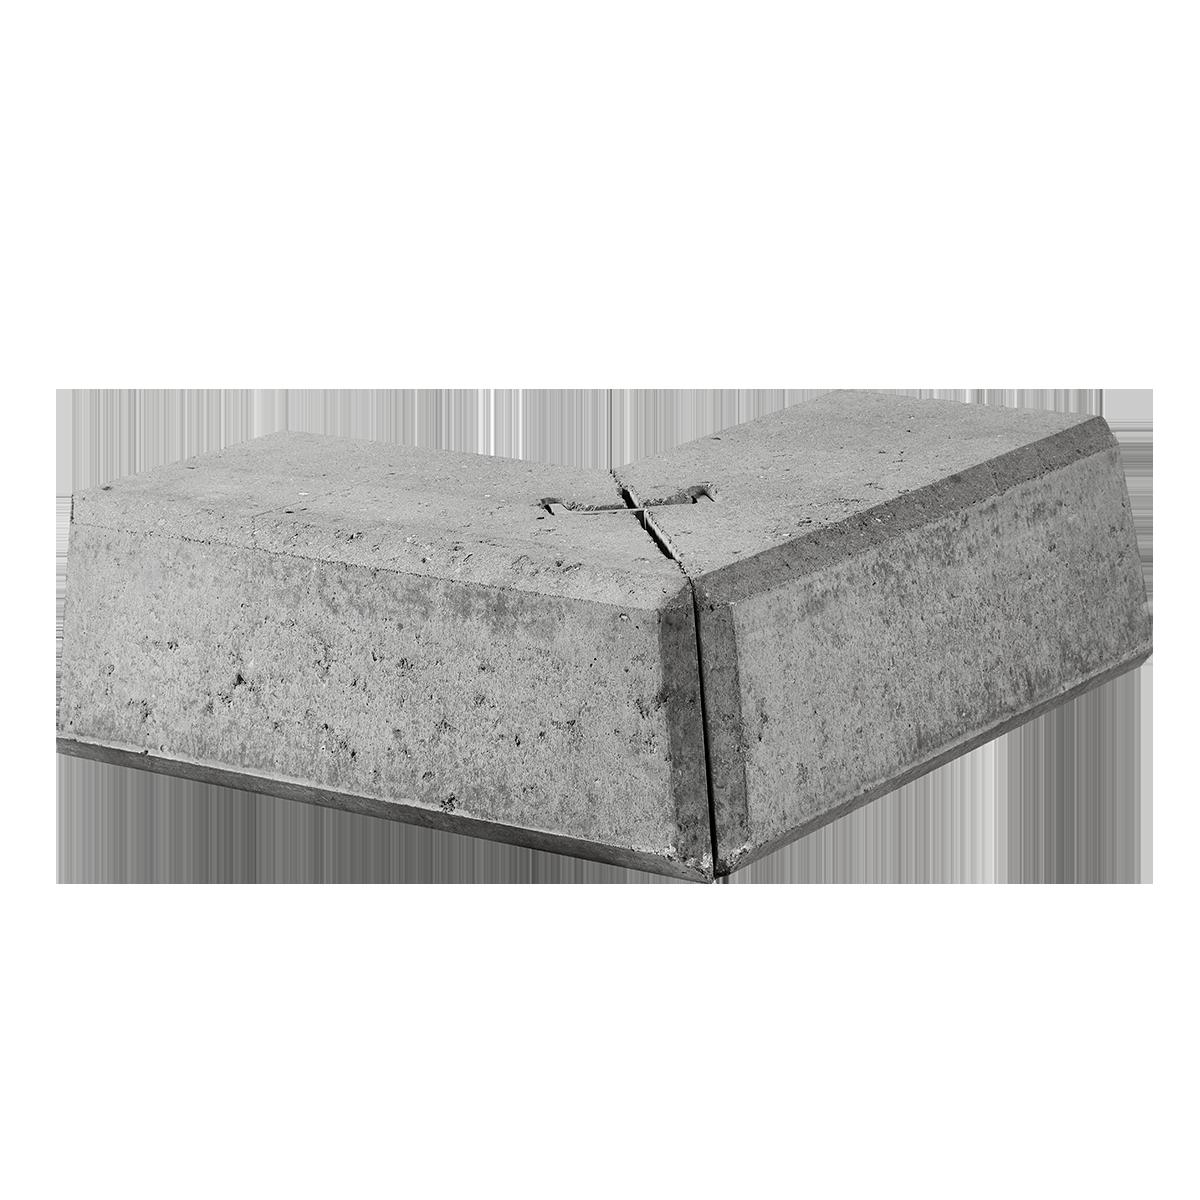 Danblokke 24/51x24/51x27x17 cm Grå Hjørner Type 3